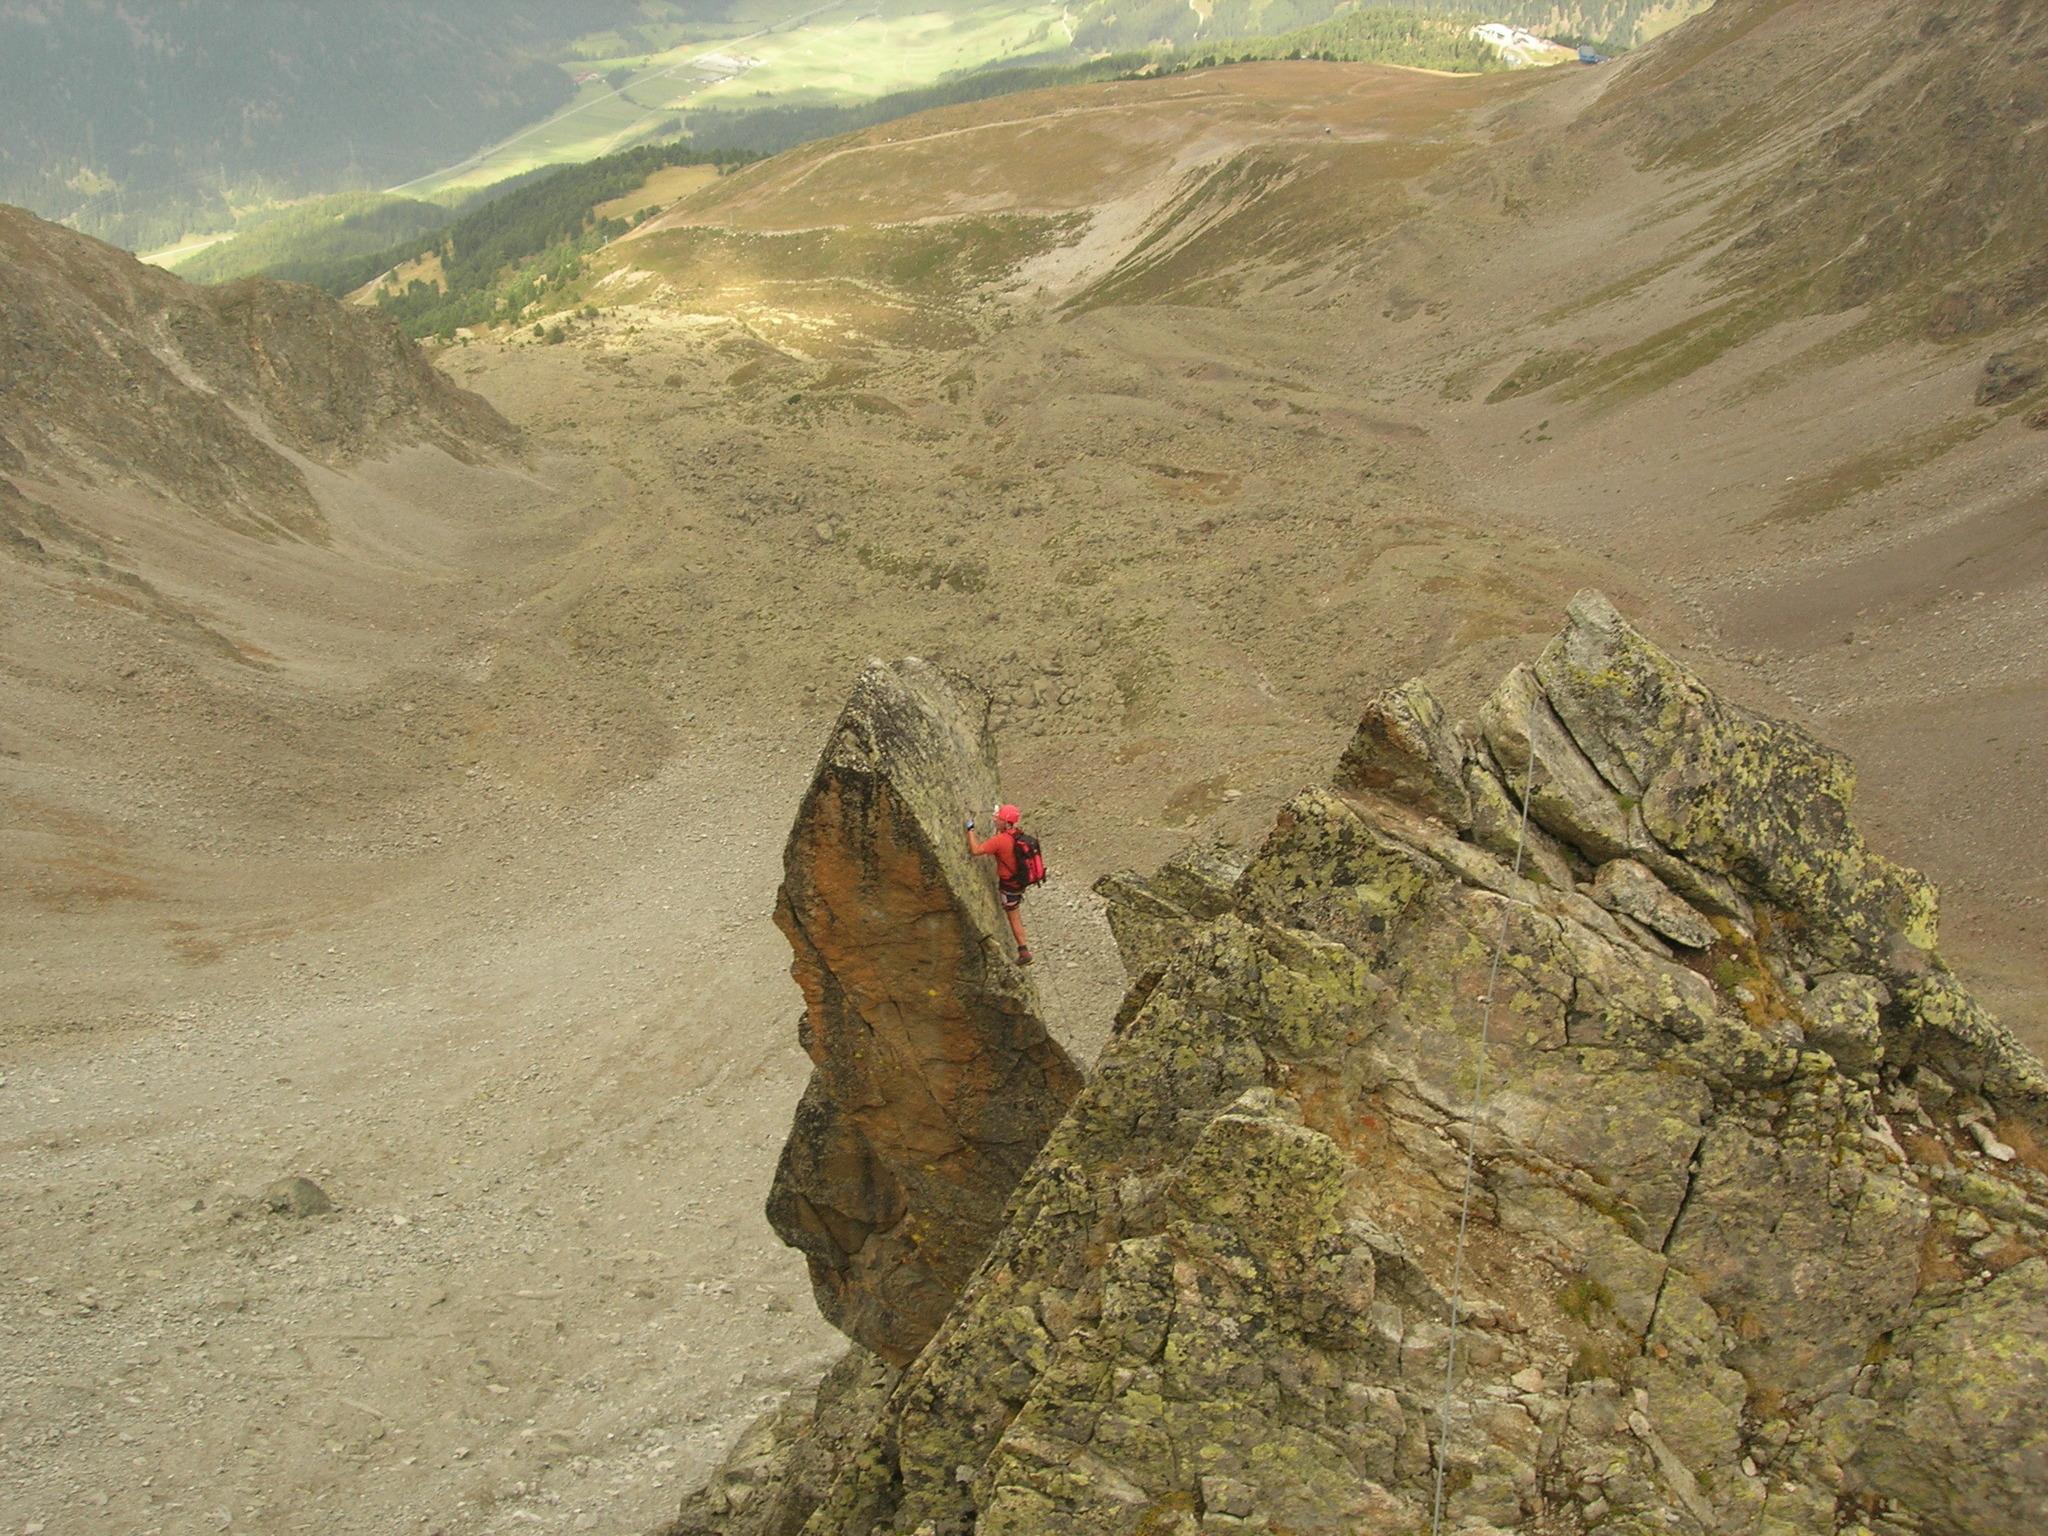 Klettersteig Nauders : Klettersteige im august telfs